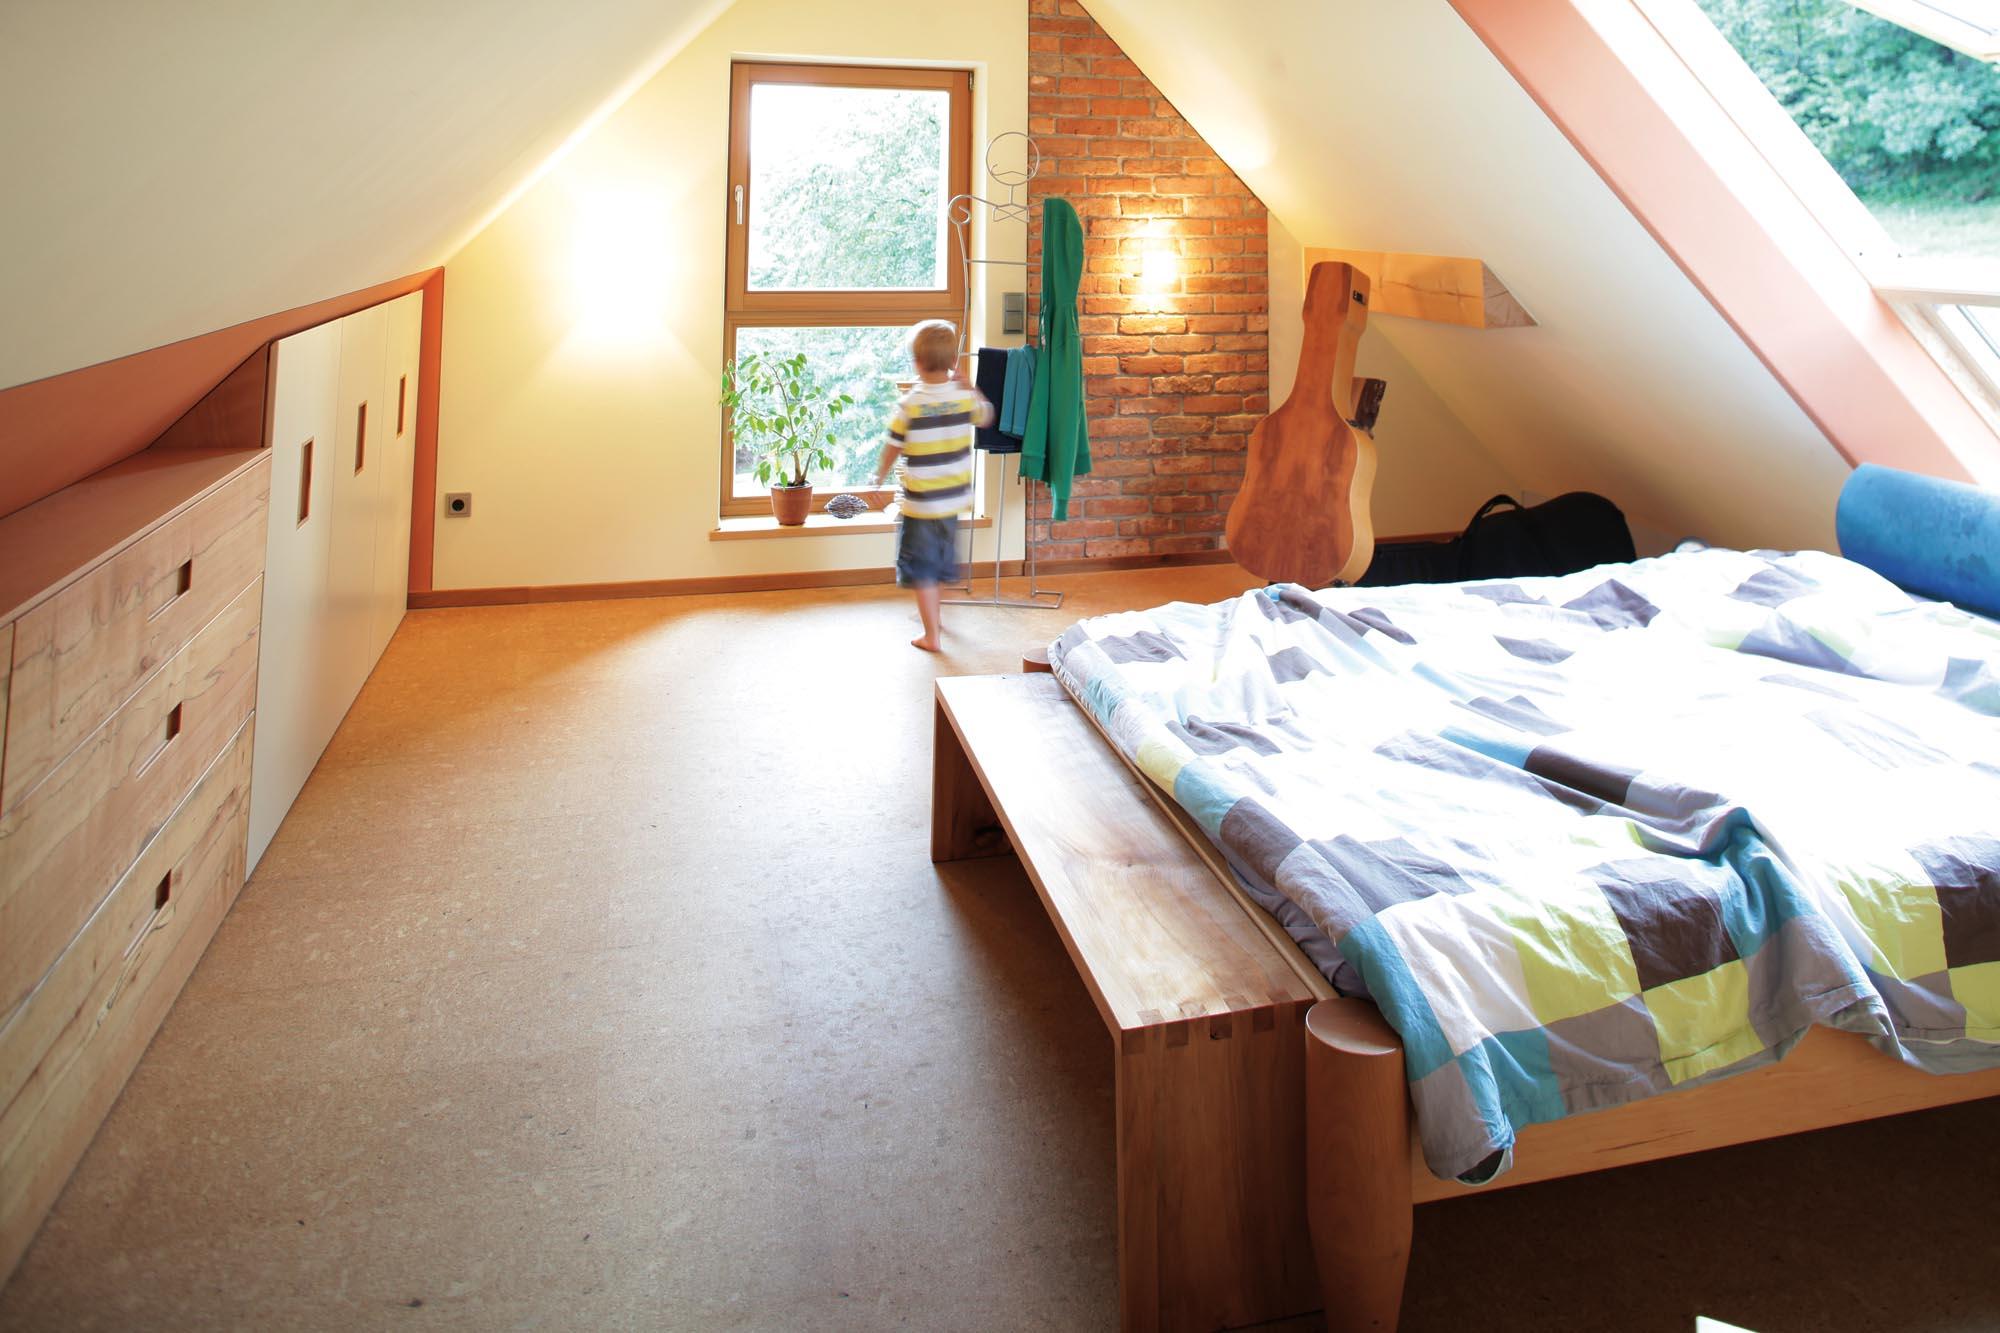 schlafzimmer aus buche eiche nussbaum oder glas von den m belmachern aus franken 2009 bis 2011. Black Bedroom Furniture Sets. Home Design Ideas